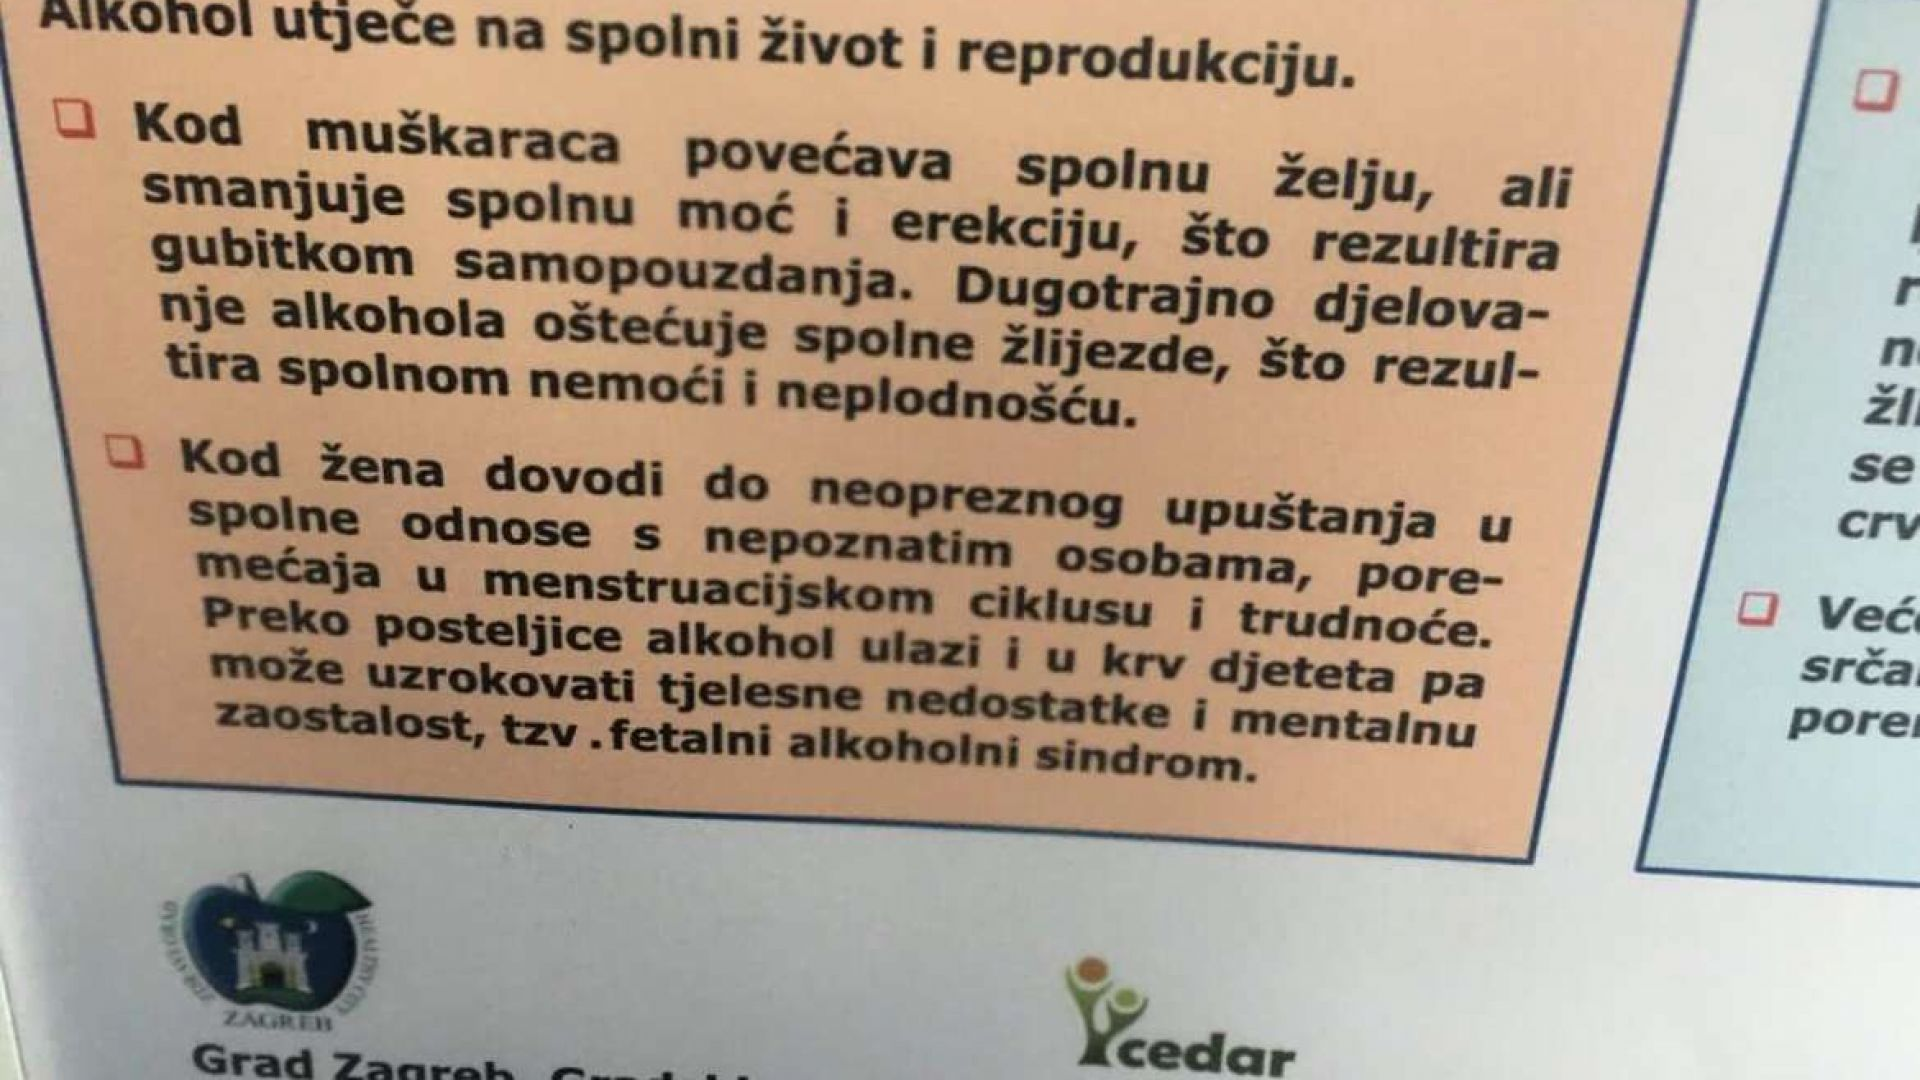 Критика срещу плакати в трамваи в Загреб, били сексистки